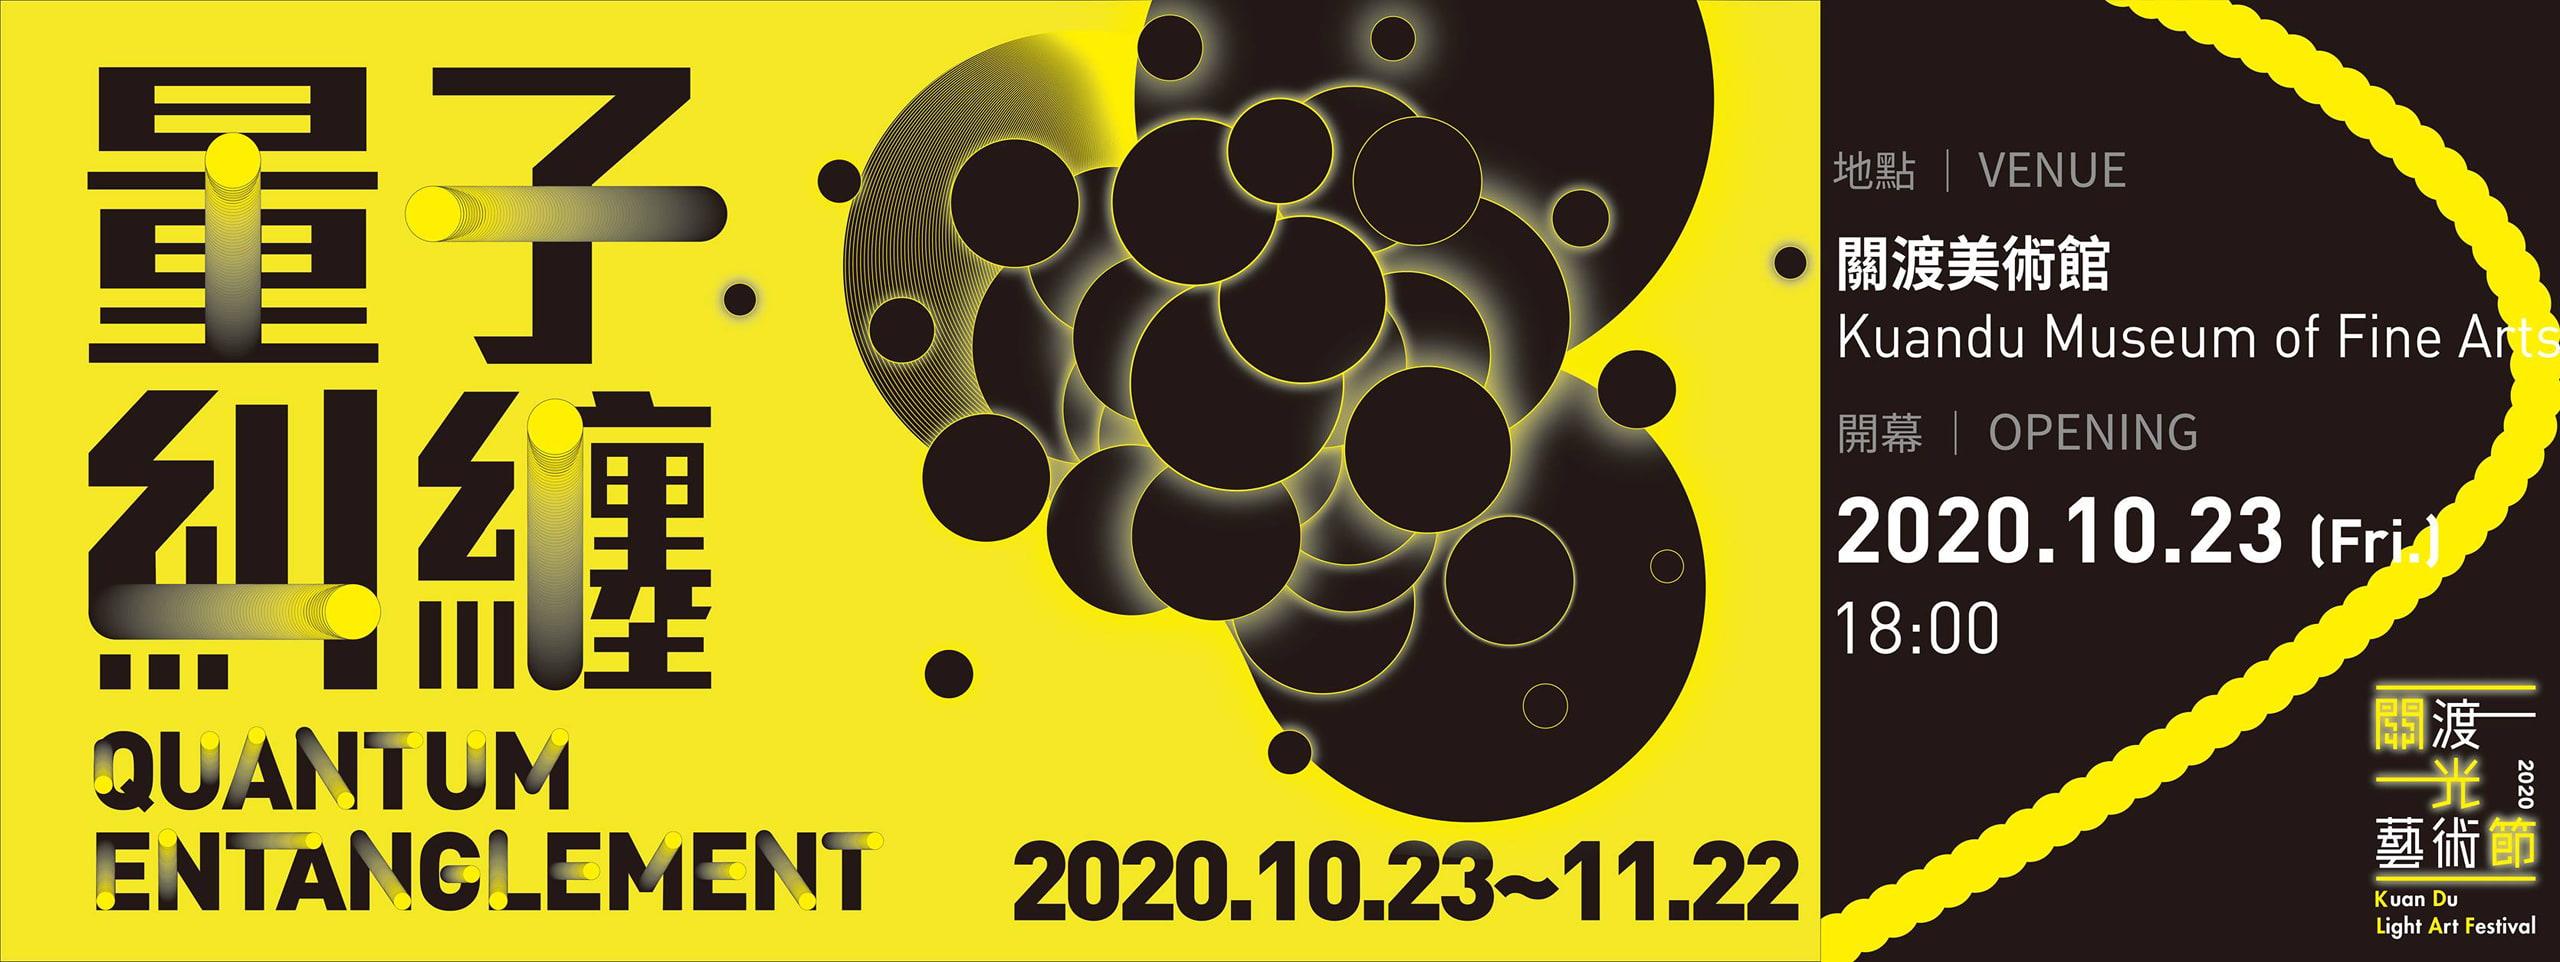 2020 Kuandu Light Art Festival—Quantum Entanglement